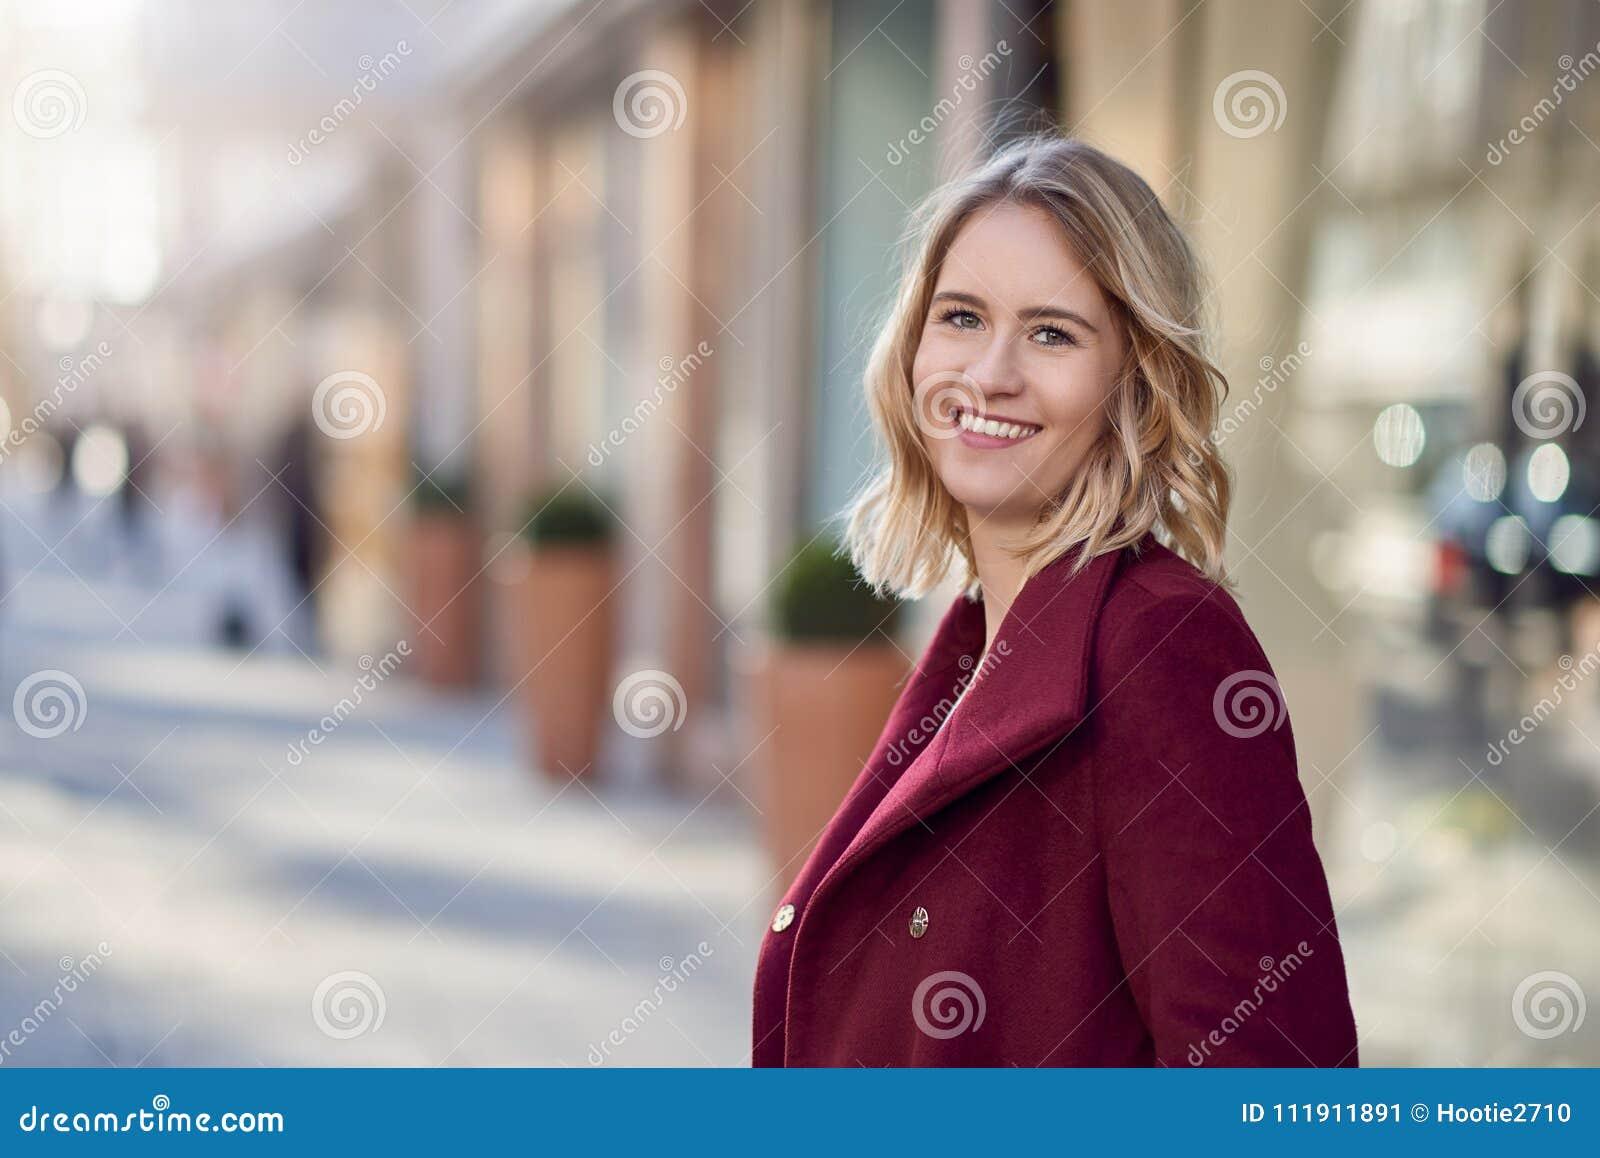 donna bionda con cappotto marrone